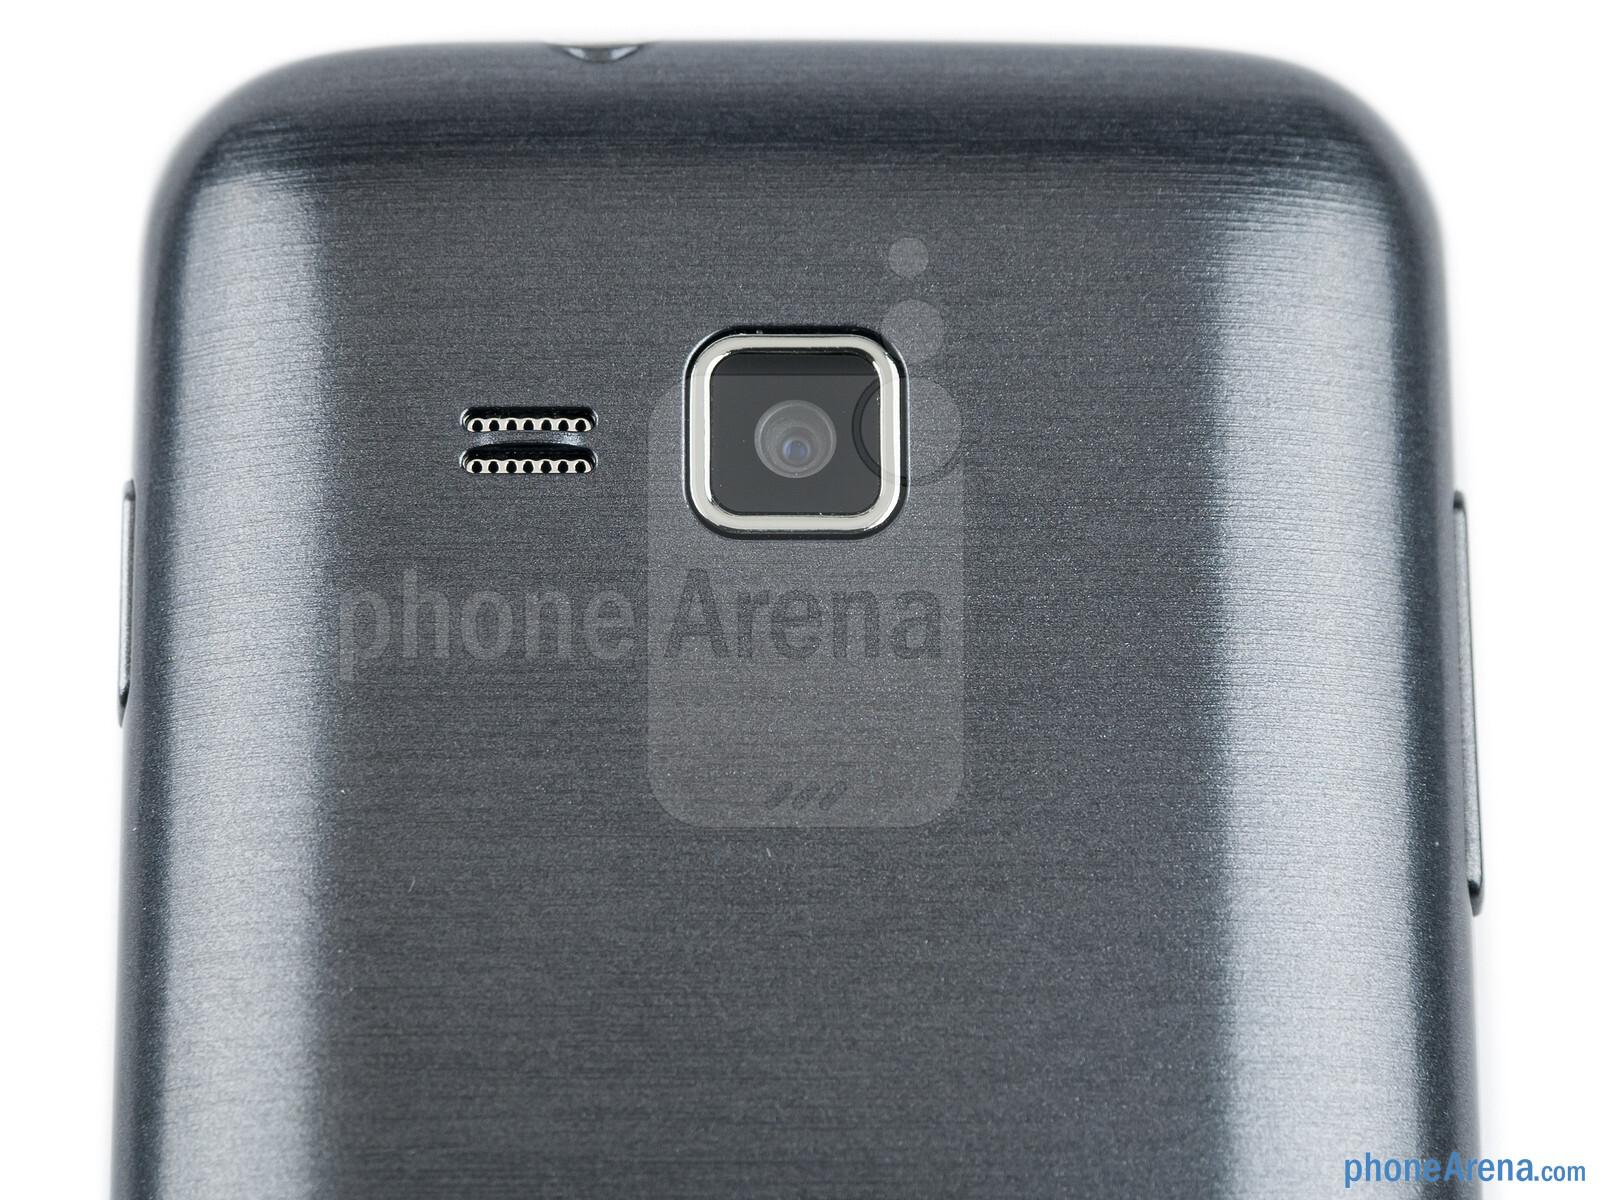 Samsung Galaxy Y Duos Specs Phone Arena